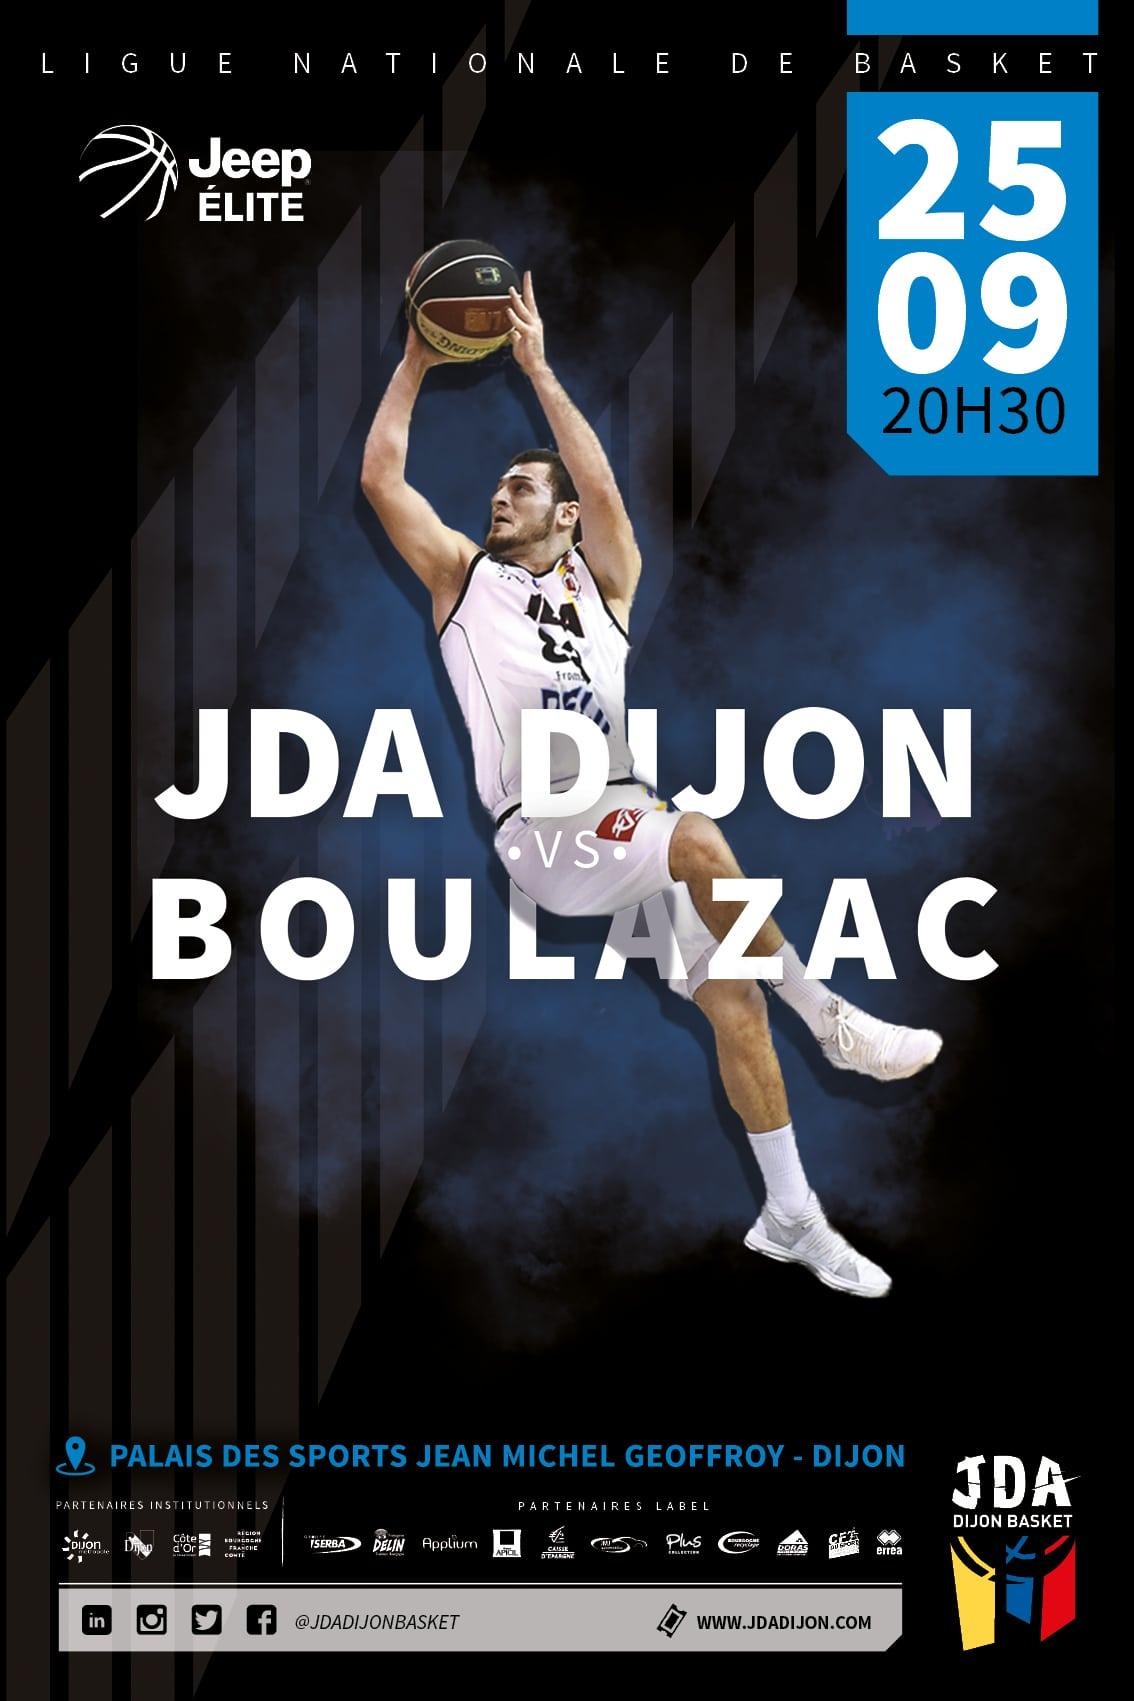 afficheBoulazac